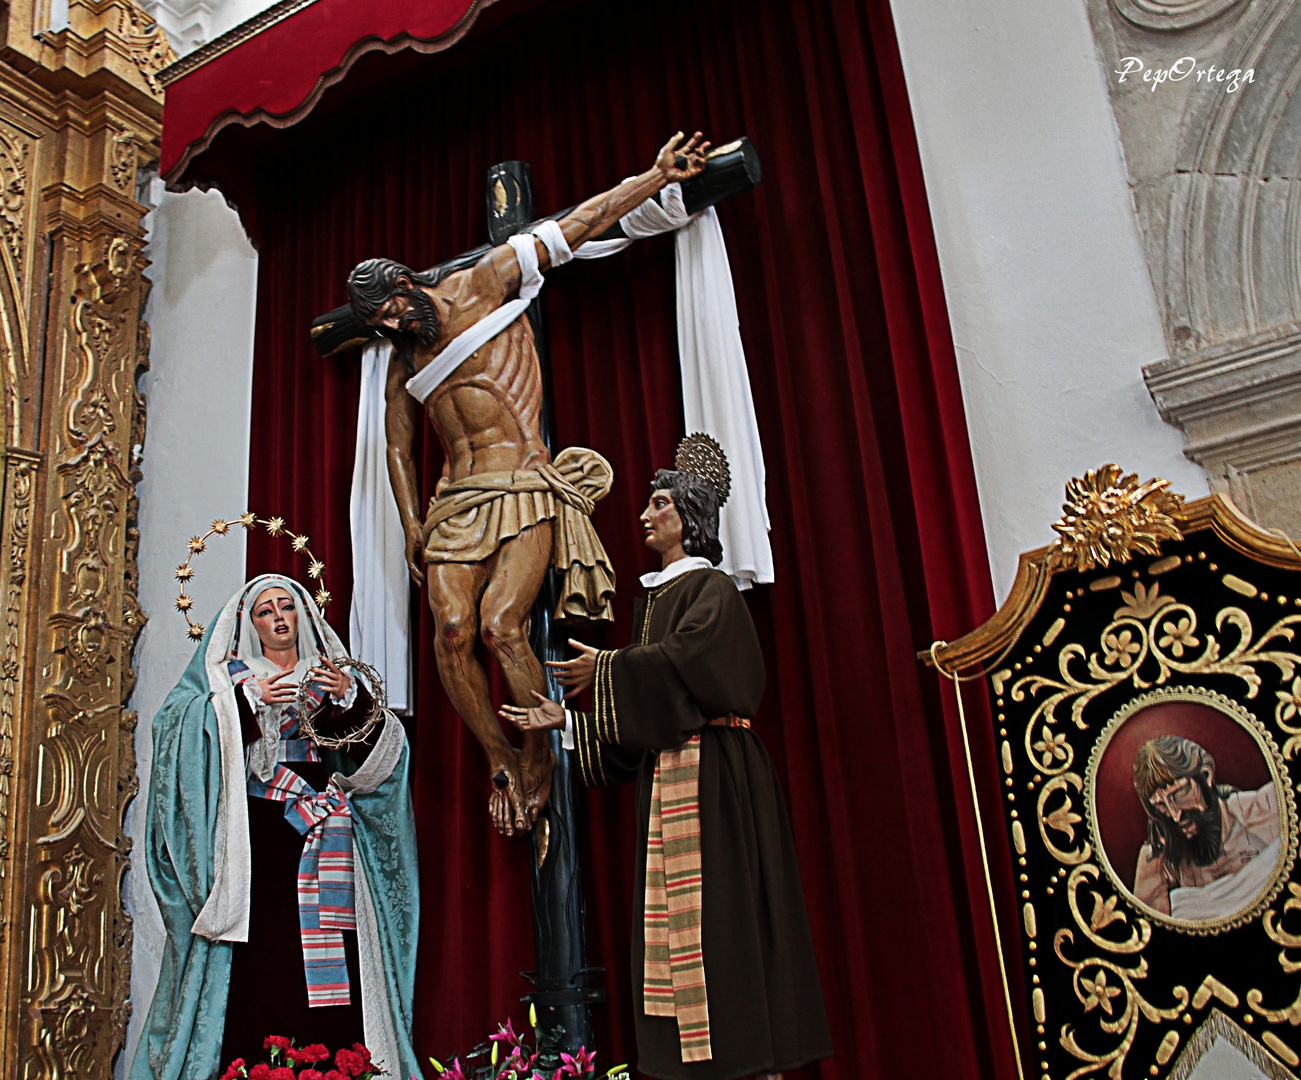 El Descendimiento, Priego de Córdoba